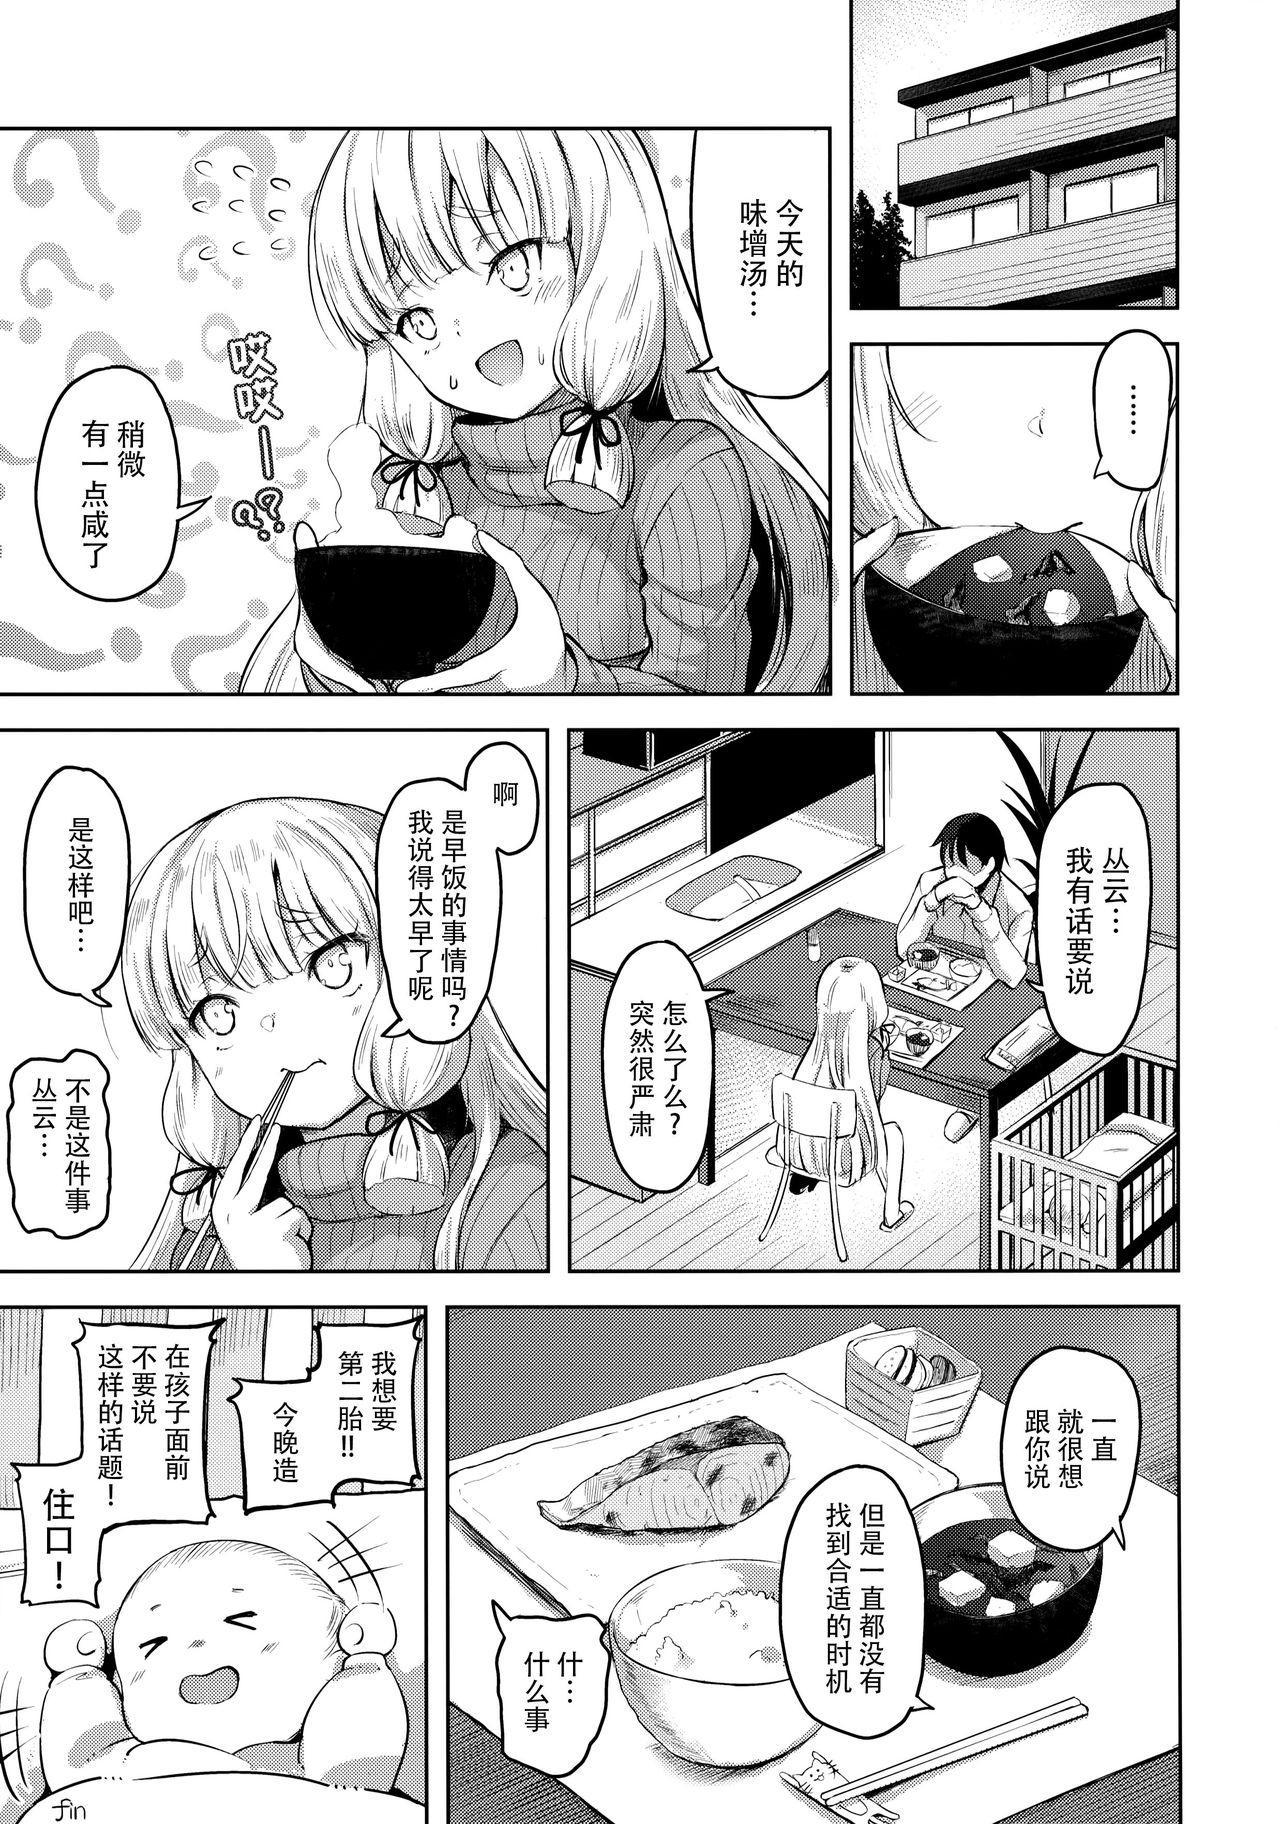 Murakumo to Kozukuri SEX 22